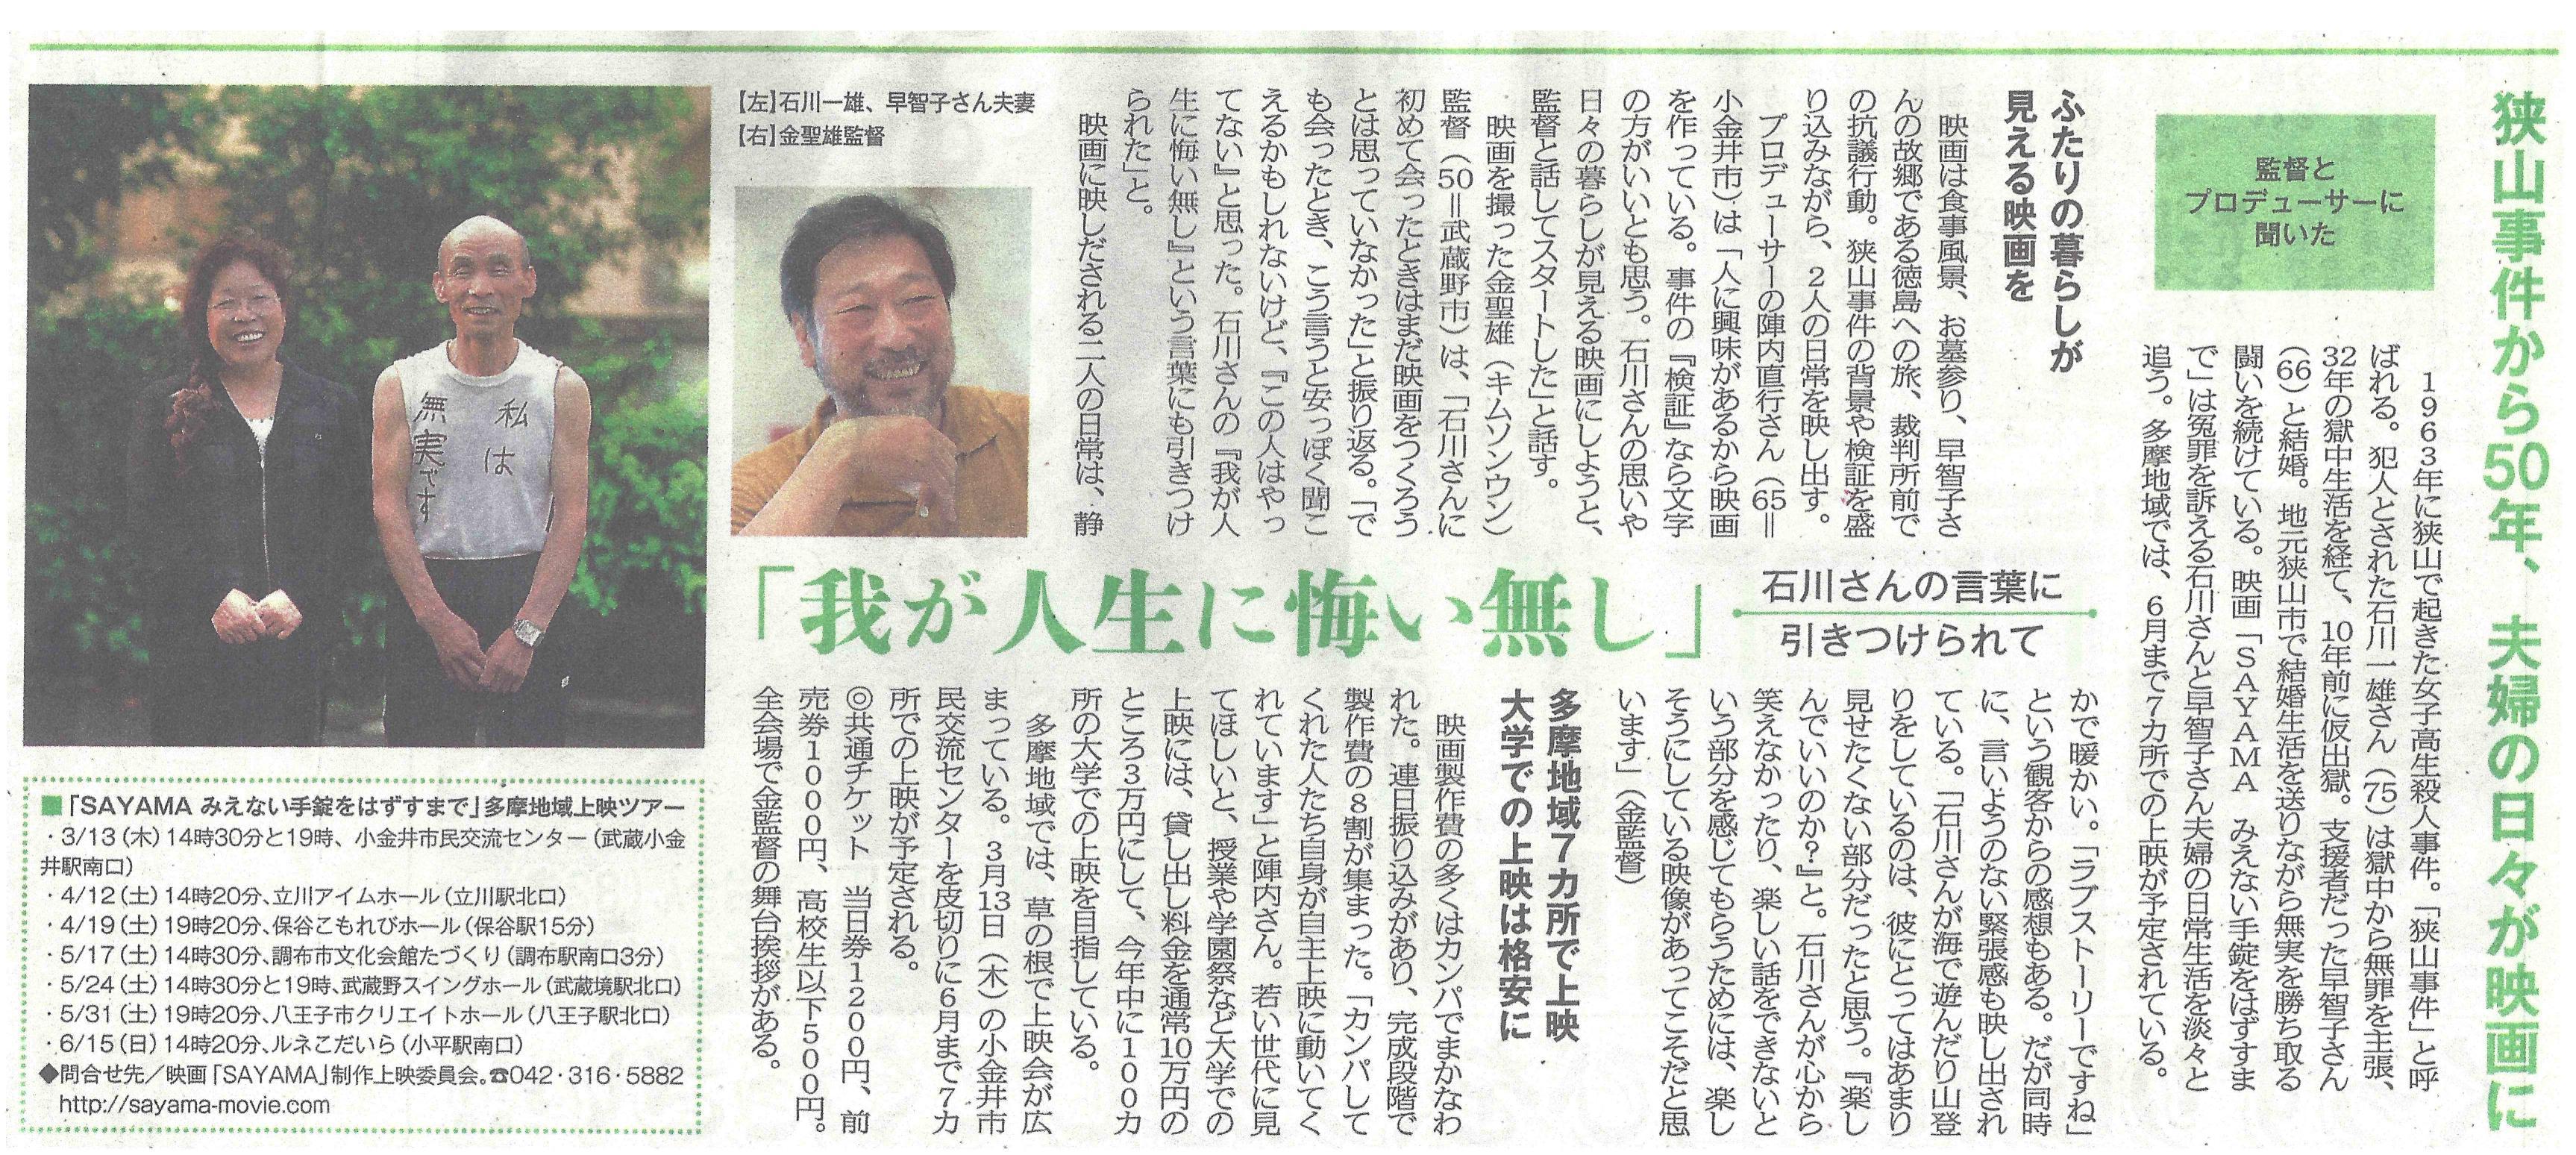 asacoco-アサココ 2014.03.06